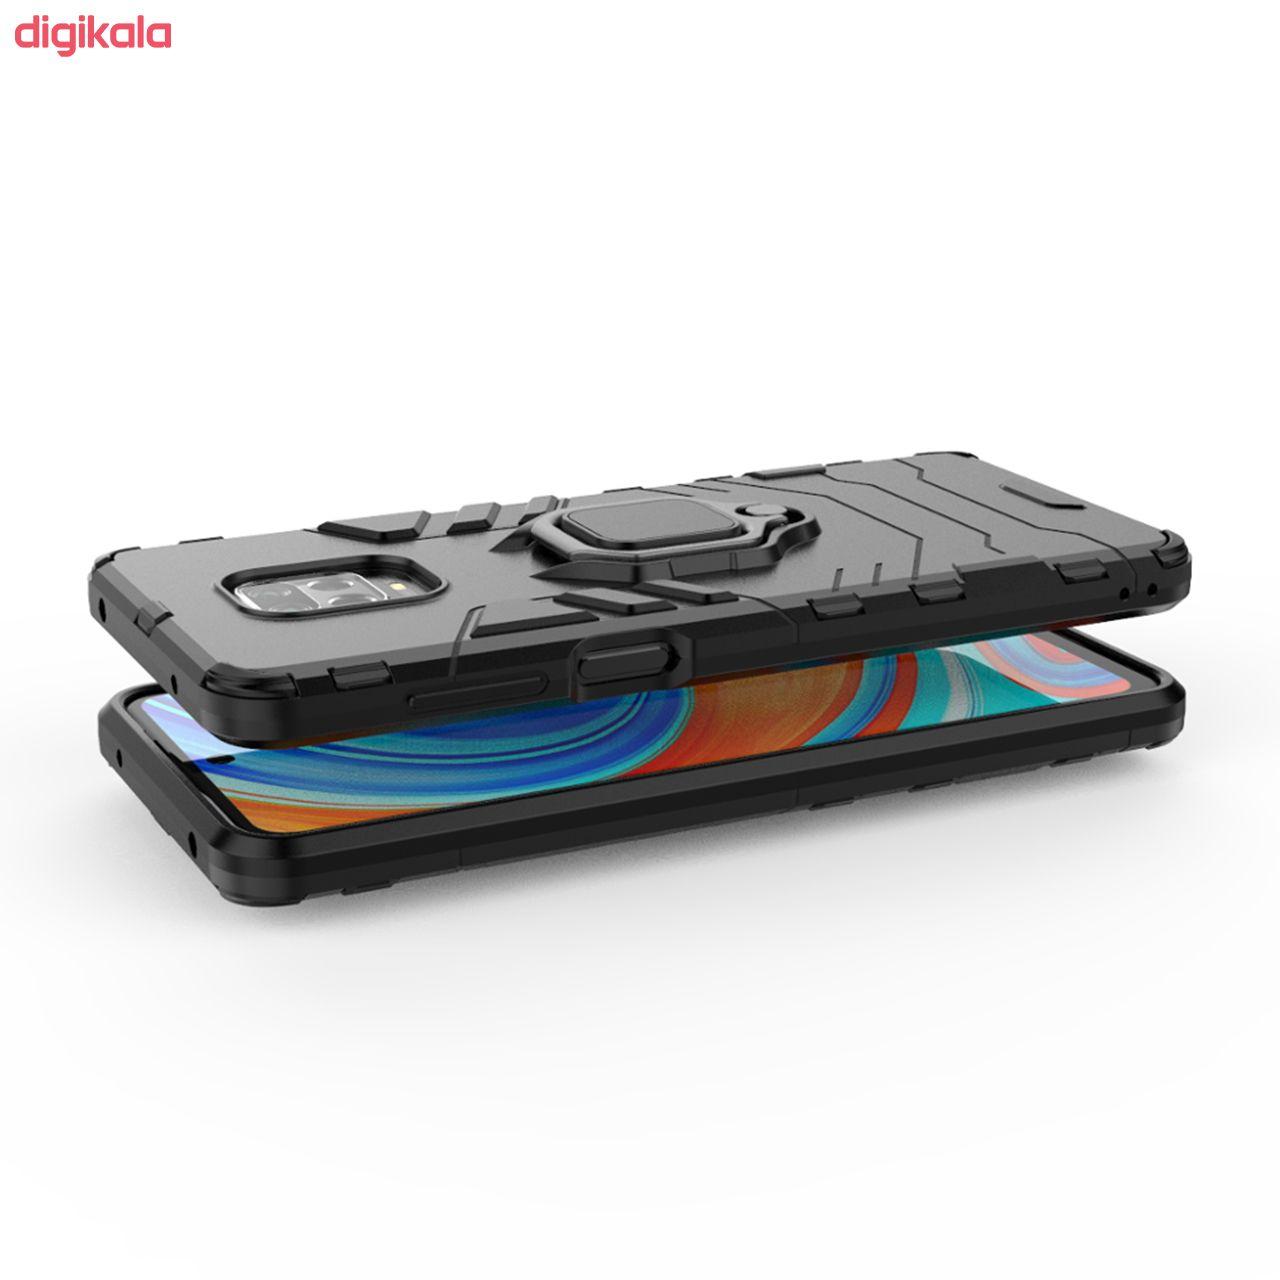 کاور مدل DEF02 مناسب برای گوشی موبایل شیائومی Redmi Note 9S / Redmi Note 9 Pro / Redmi Note 9 Pro Max main 1 10